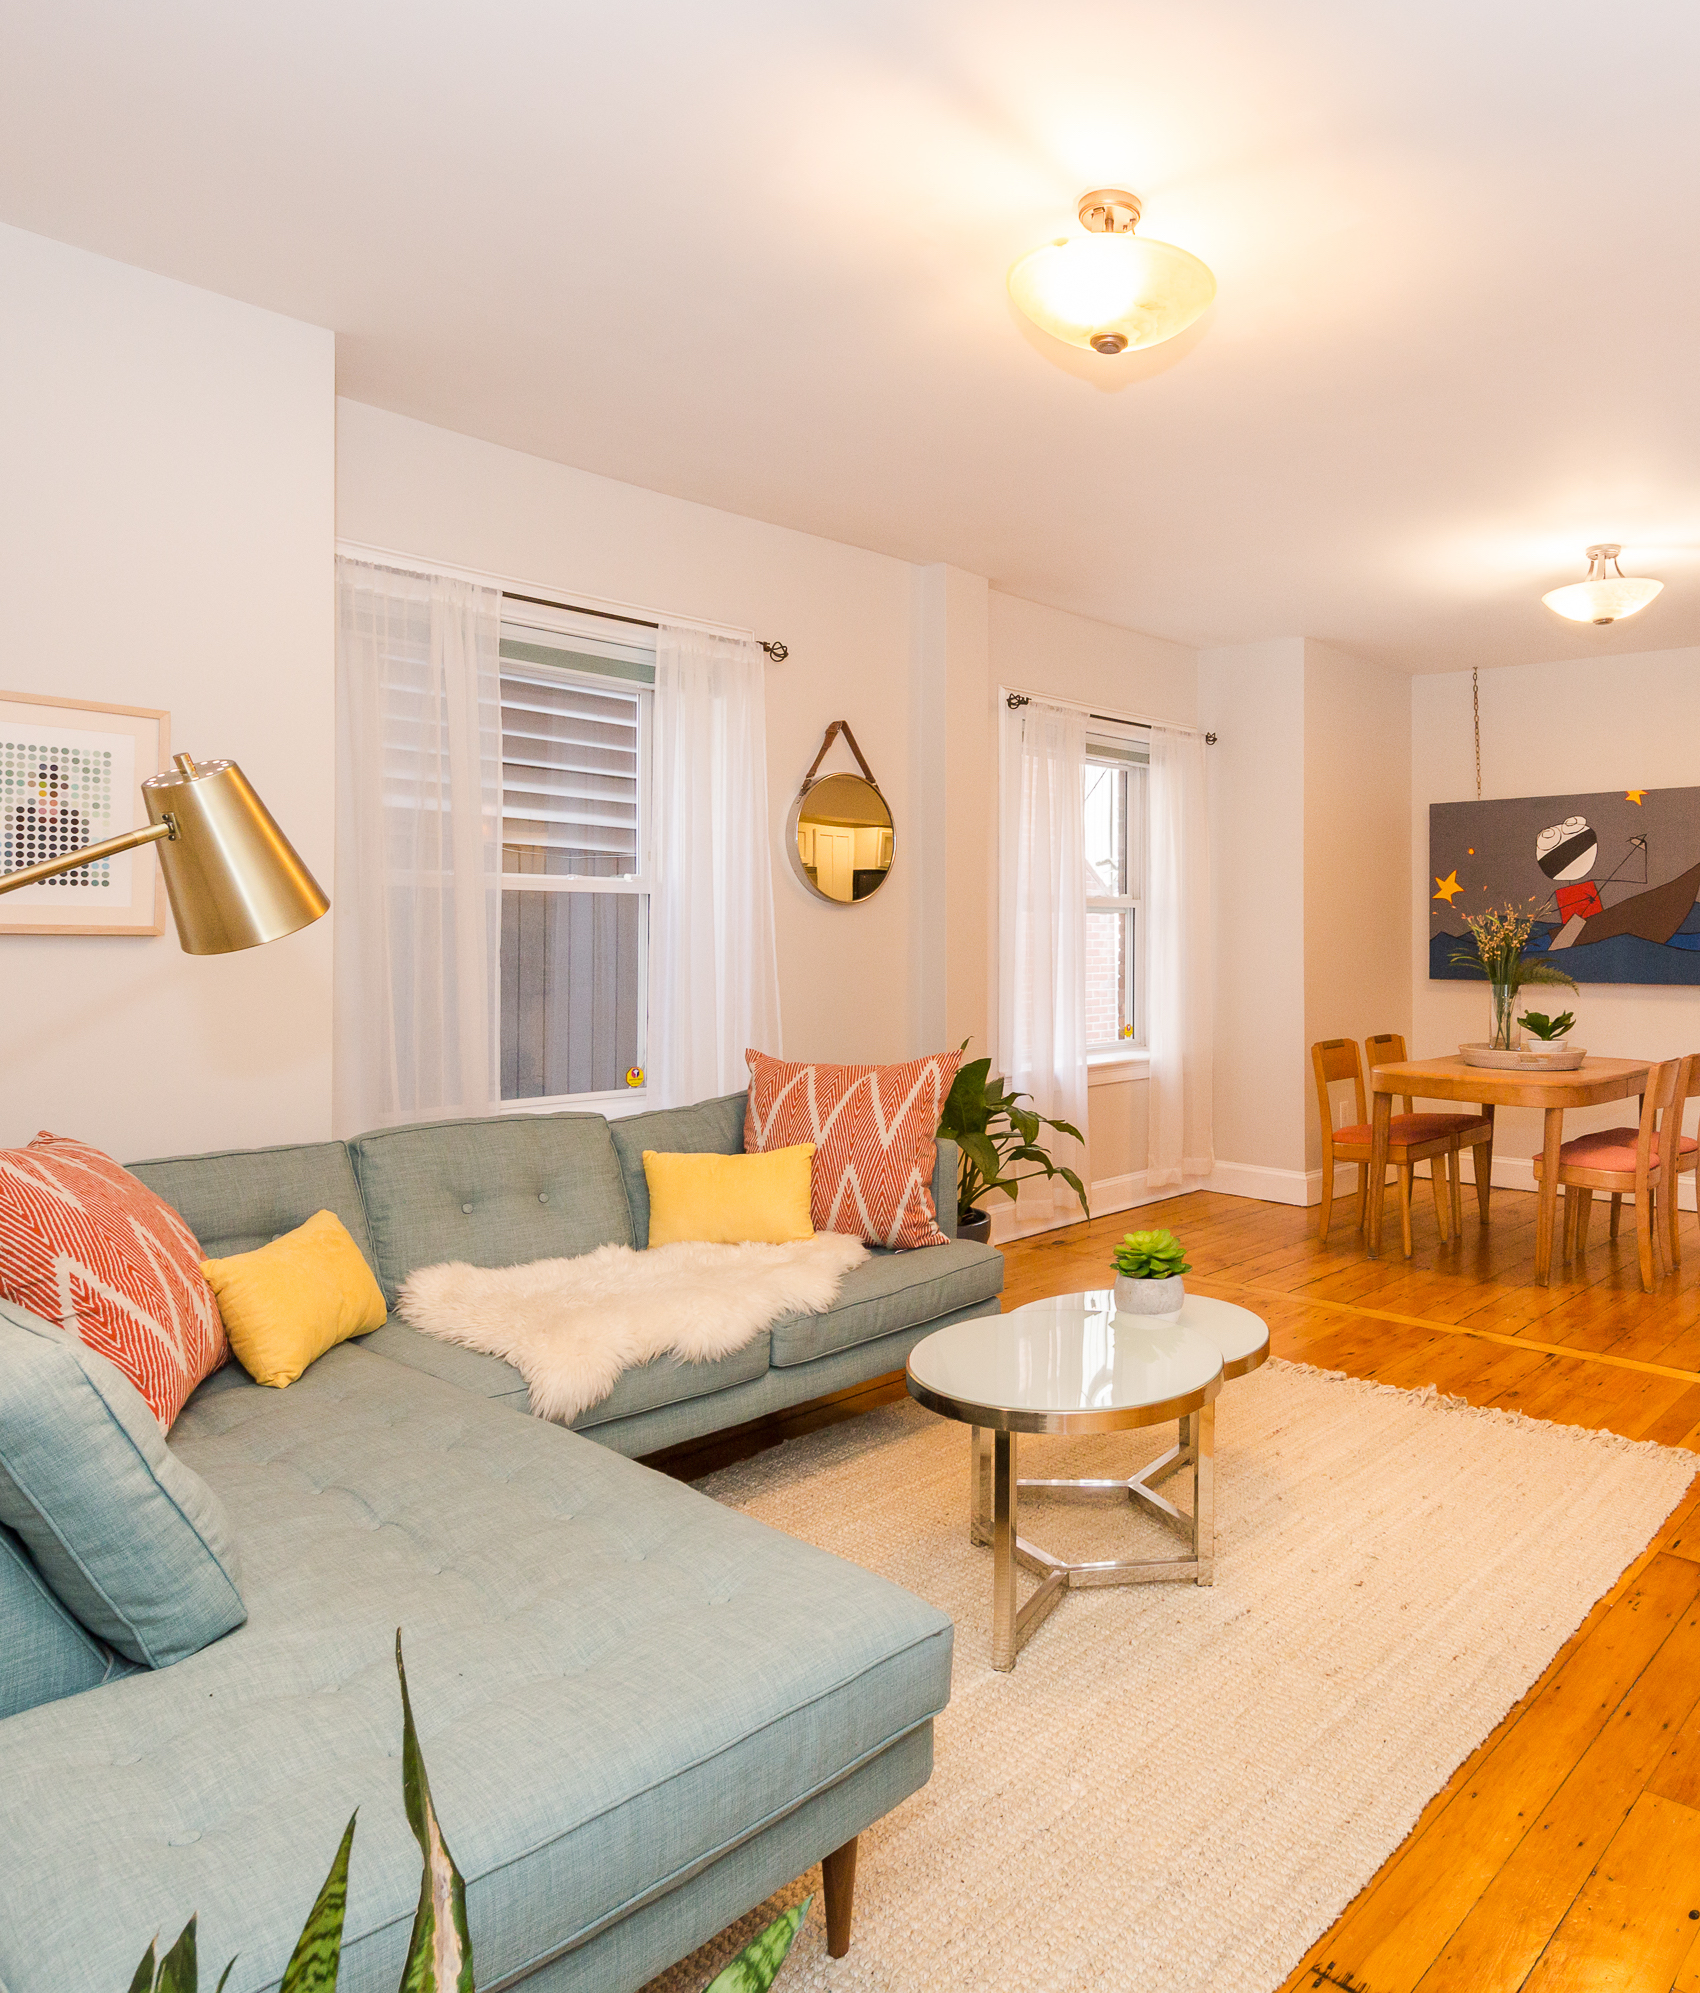 6 Porter Rd, #1L, Cambridge, MA_Property-Precision-11.jpg